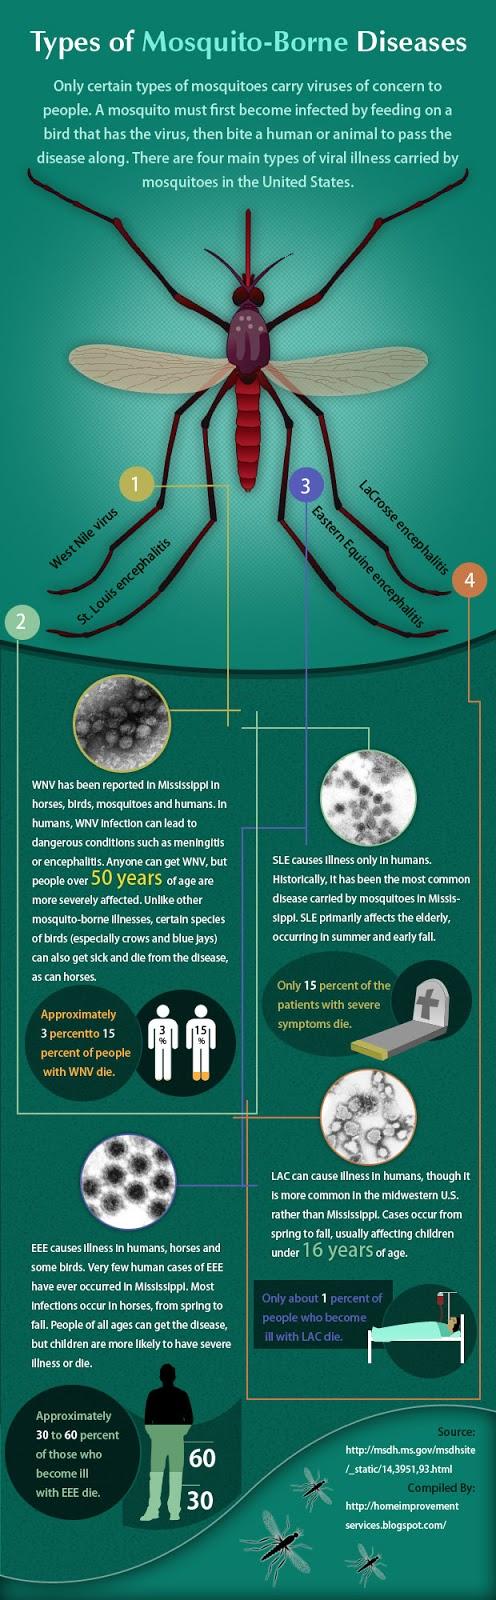 types-of-mosquitoborne-diseases_50ab19146592f